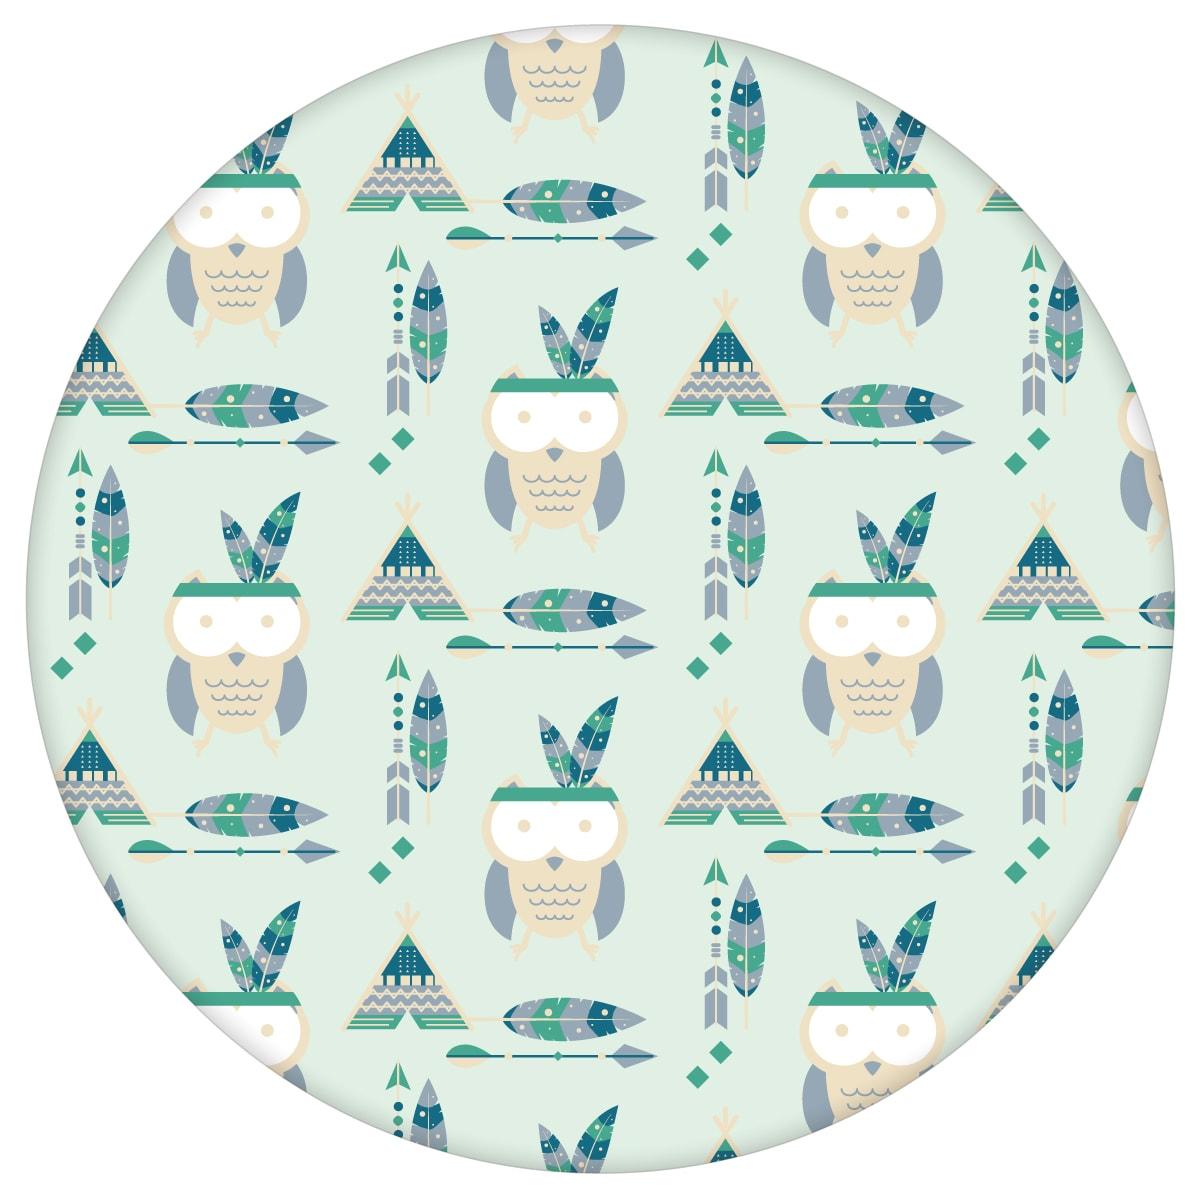 Schöne Kindertapete Indianer Eulen mit Federn in mint, Design Tapete für Babyzimmer aus den Tapeten Neuheiten Exklusive Tapete für schönes Wohnen als Naturaltouch Luxus Vliestapete oder Basic Vliestapete